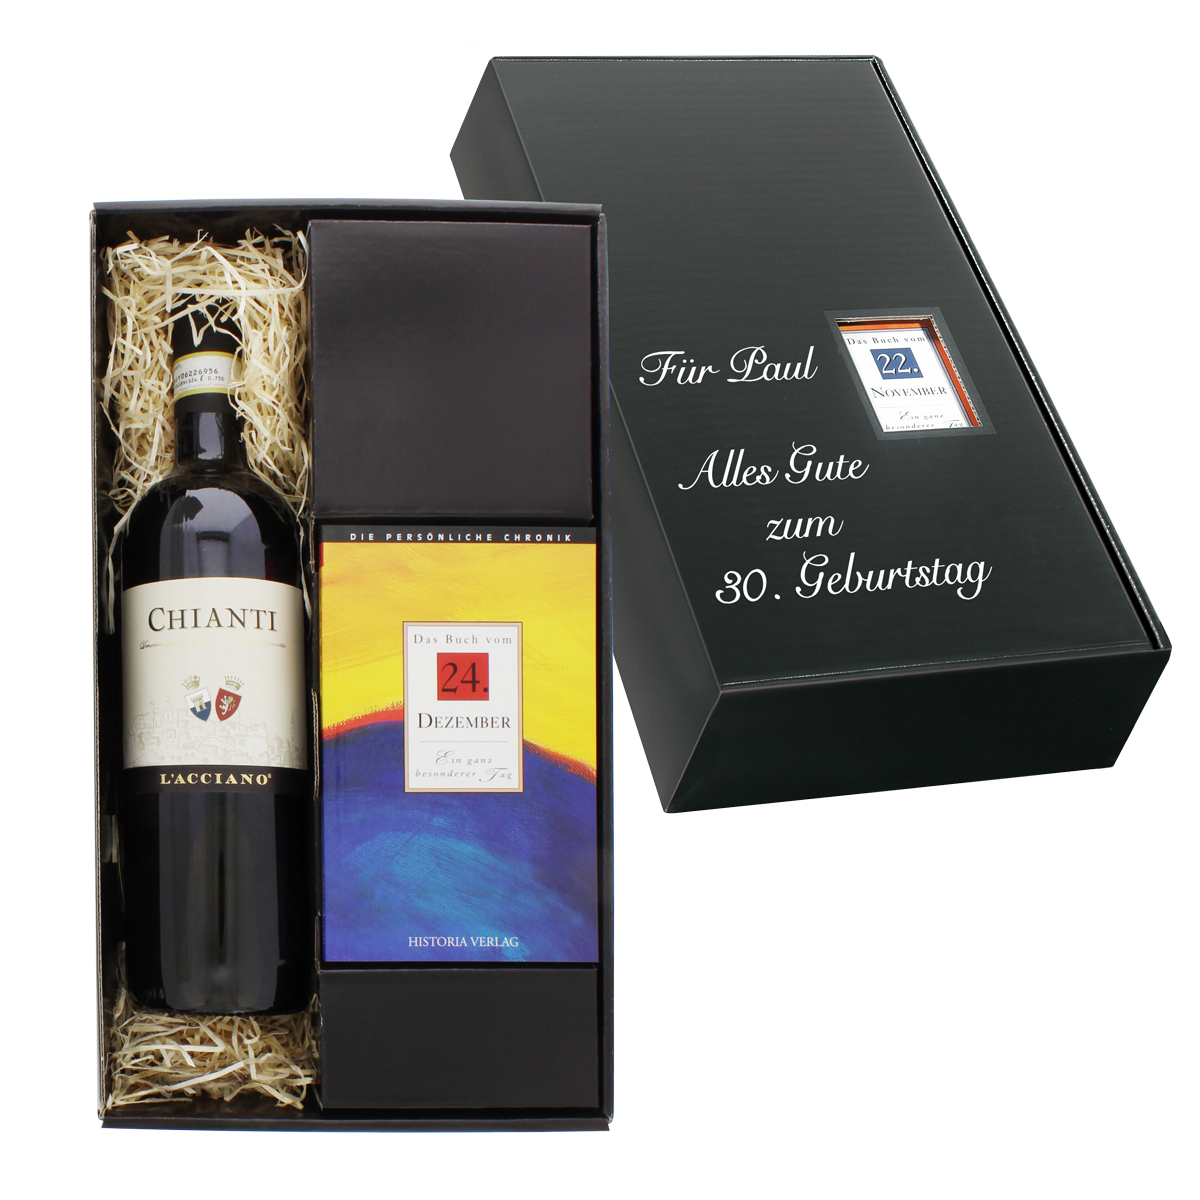 Italien-Set: Tageschronik vom 1. Mai & Chianti-Wein